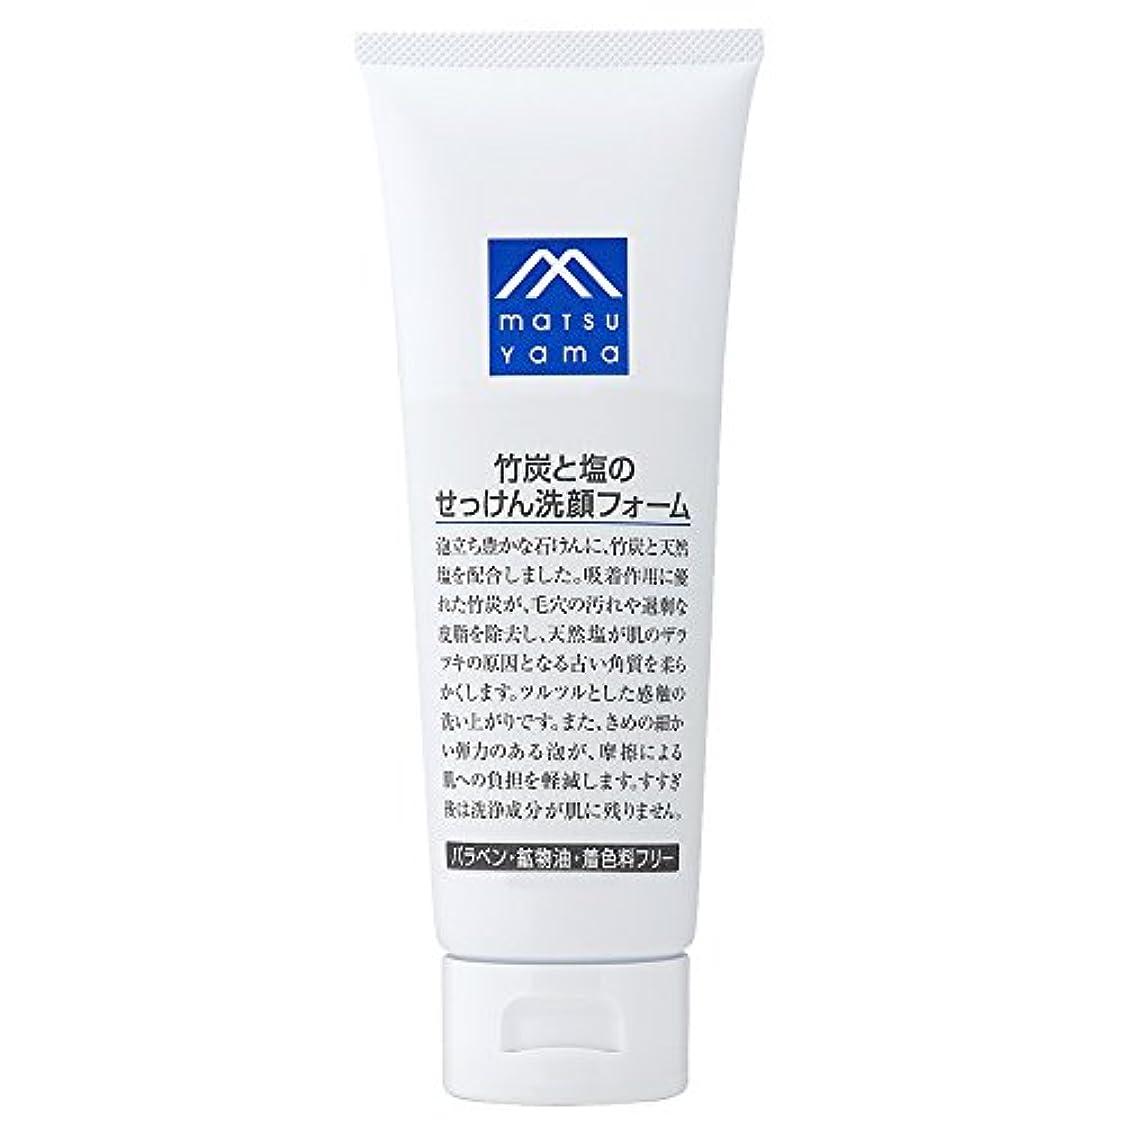 コンプライアンスペグ終点M-mark 竹炭と塩のせっけん洗顔フォーム